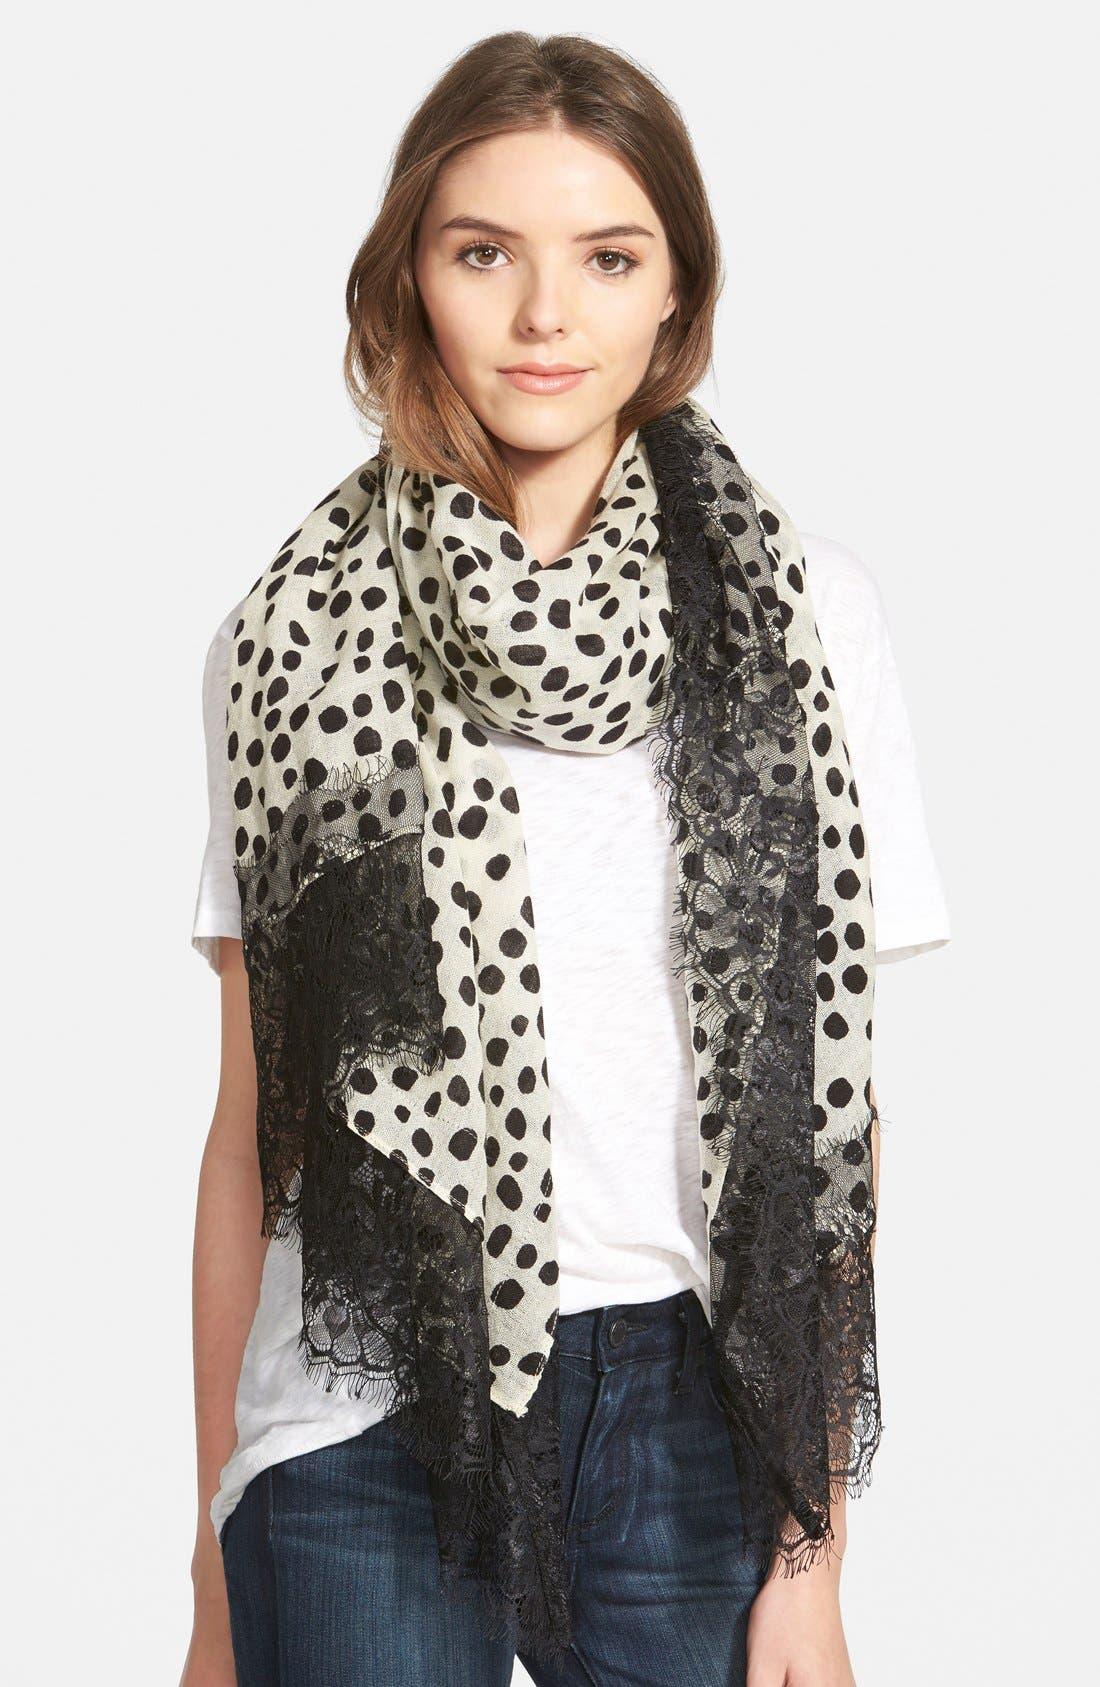 La Fiorentina Dot Print Wool Scarf